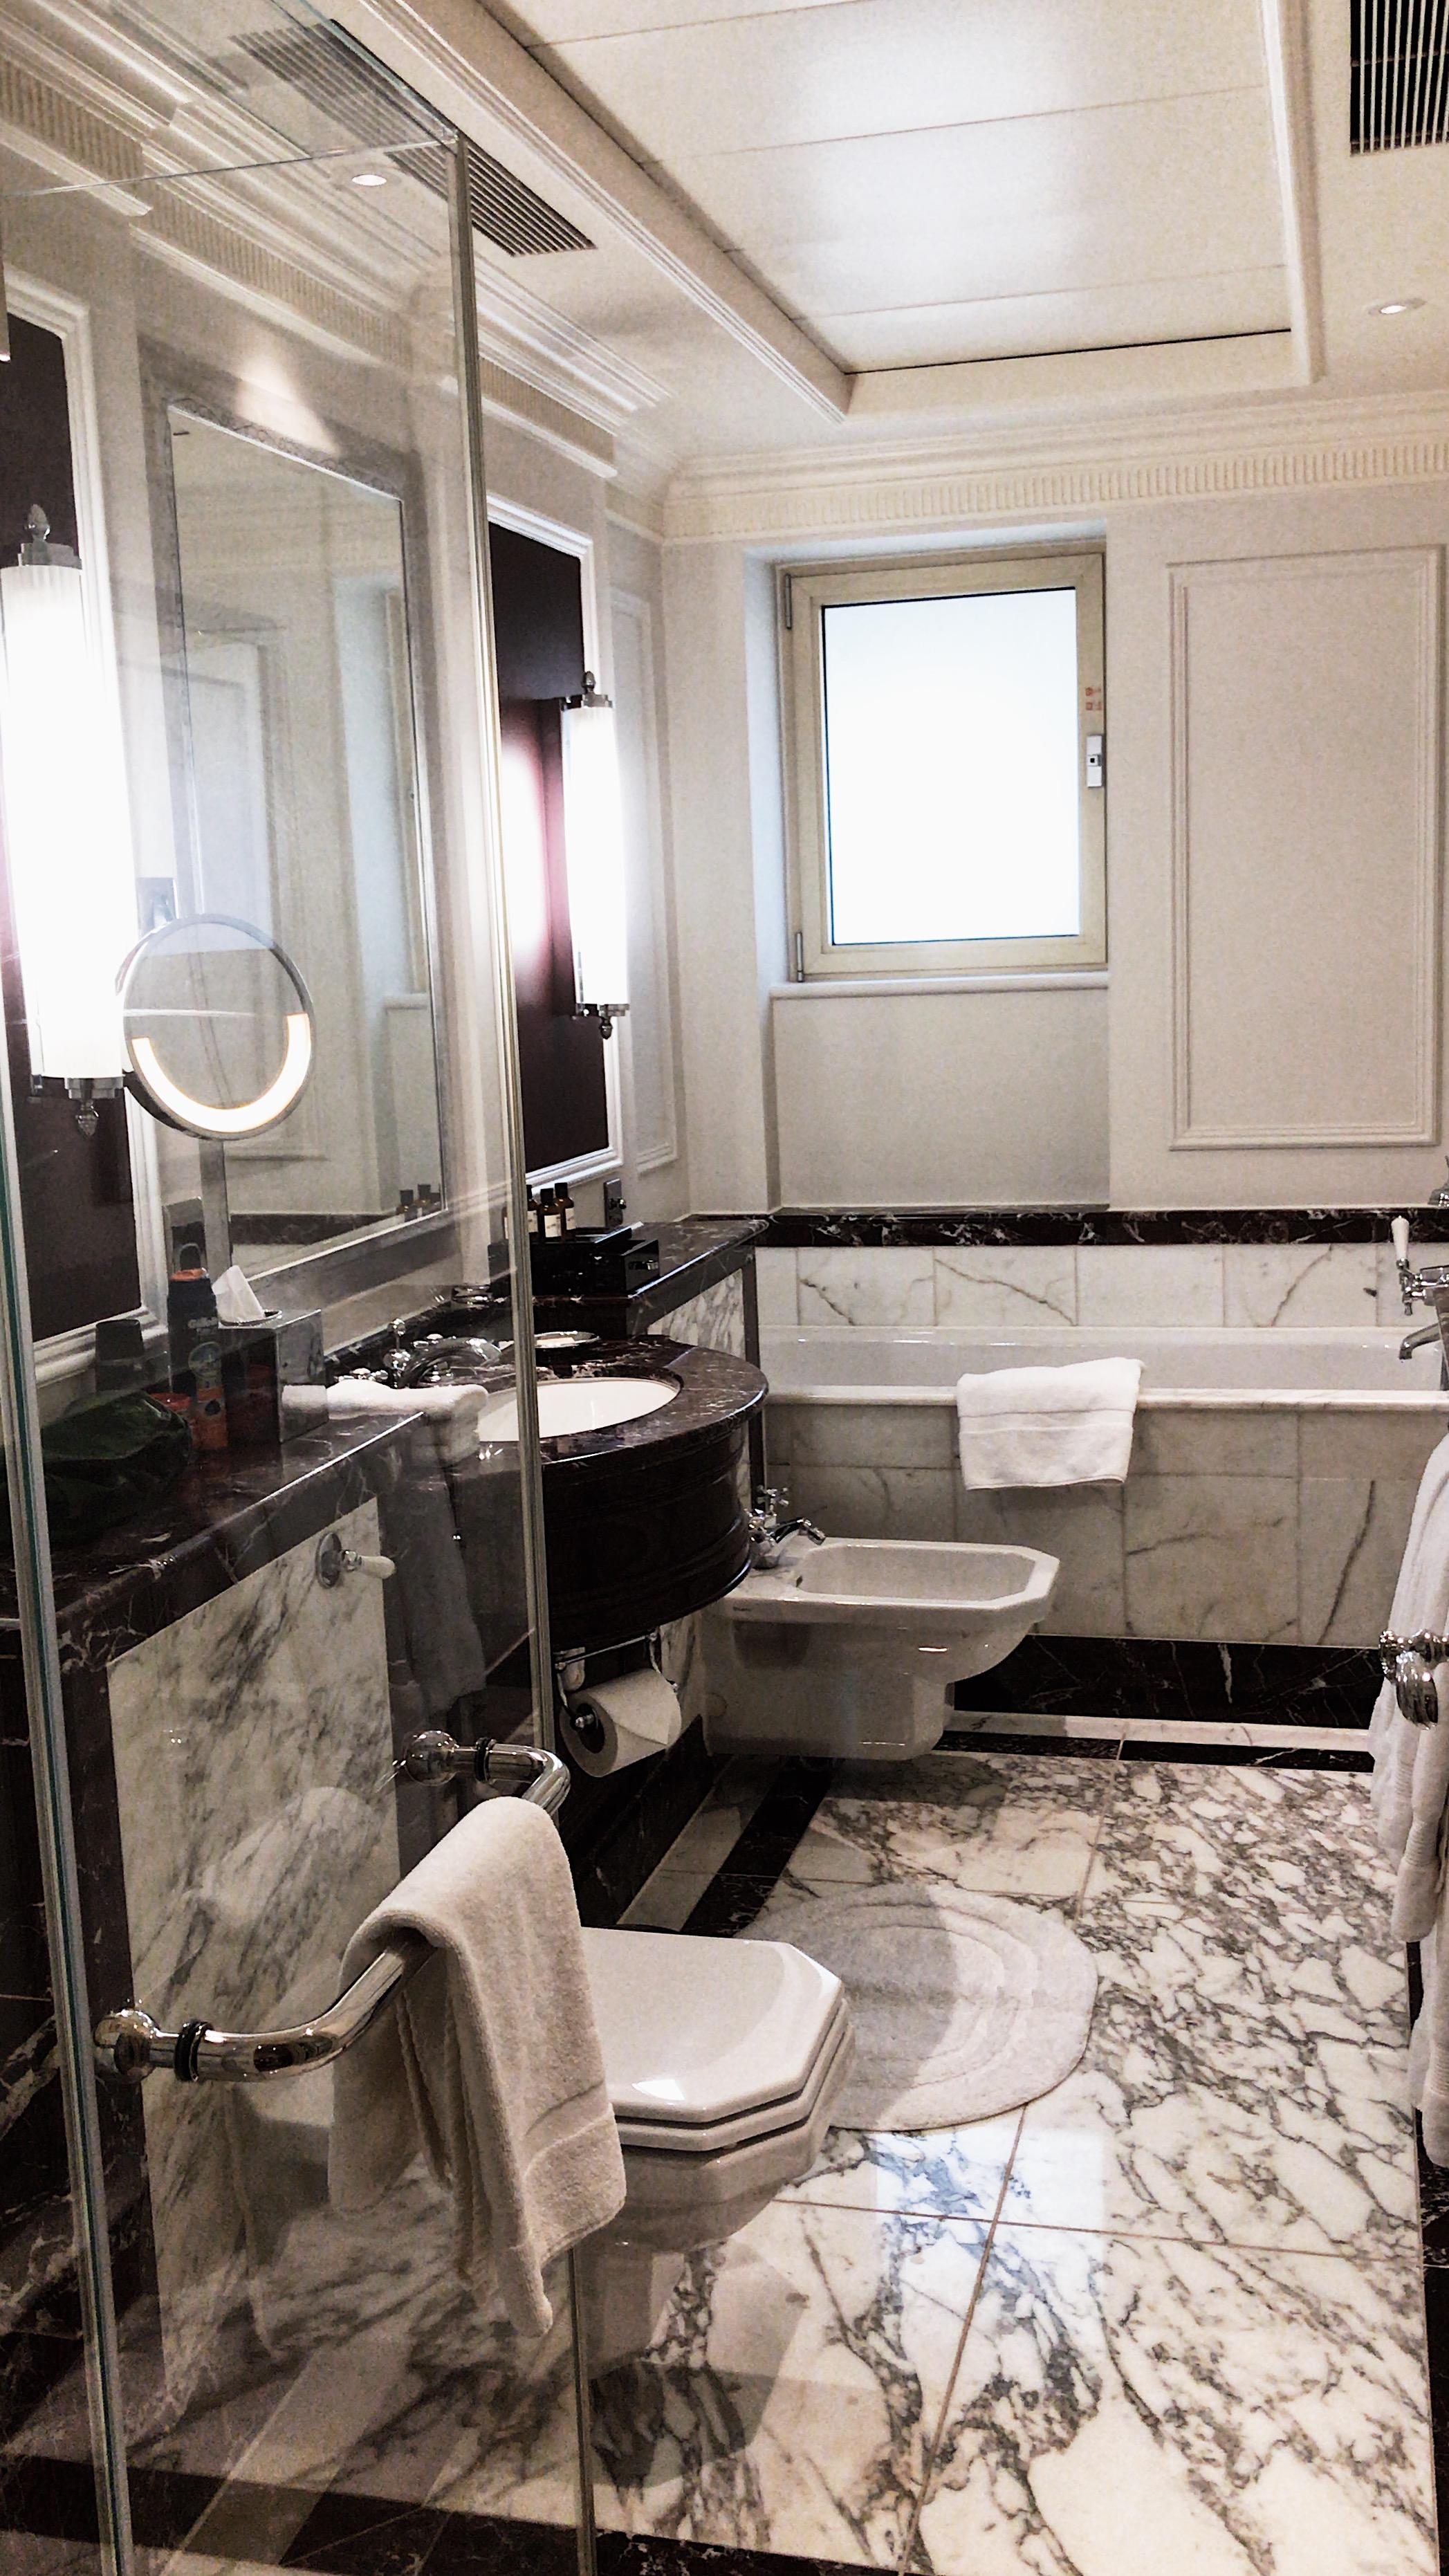 The luxurious marble bathroom